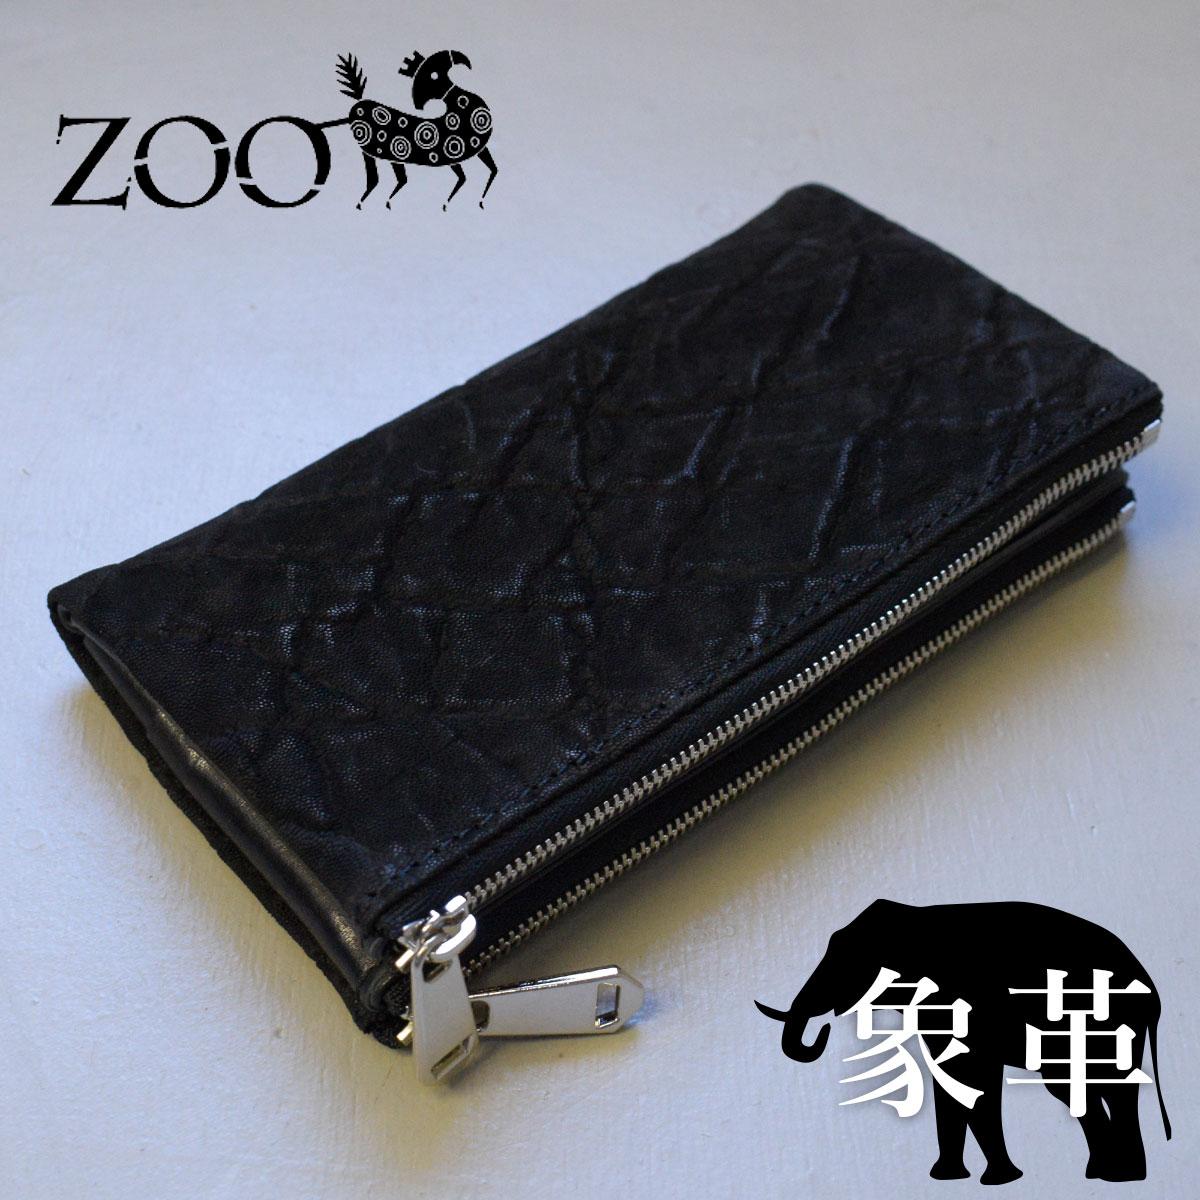 【メッセージカード・ラッピング無料】ZOO(ズー) 象革 エレファントレザー メンズ ファスナー長財布 zlw-097 ジャッカルウォレット7 ブラック